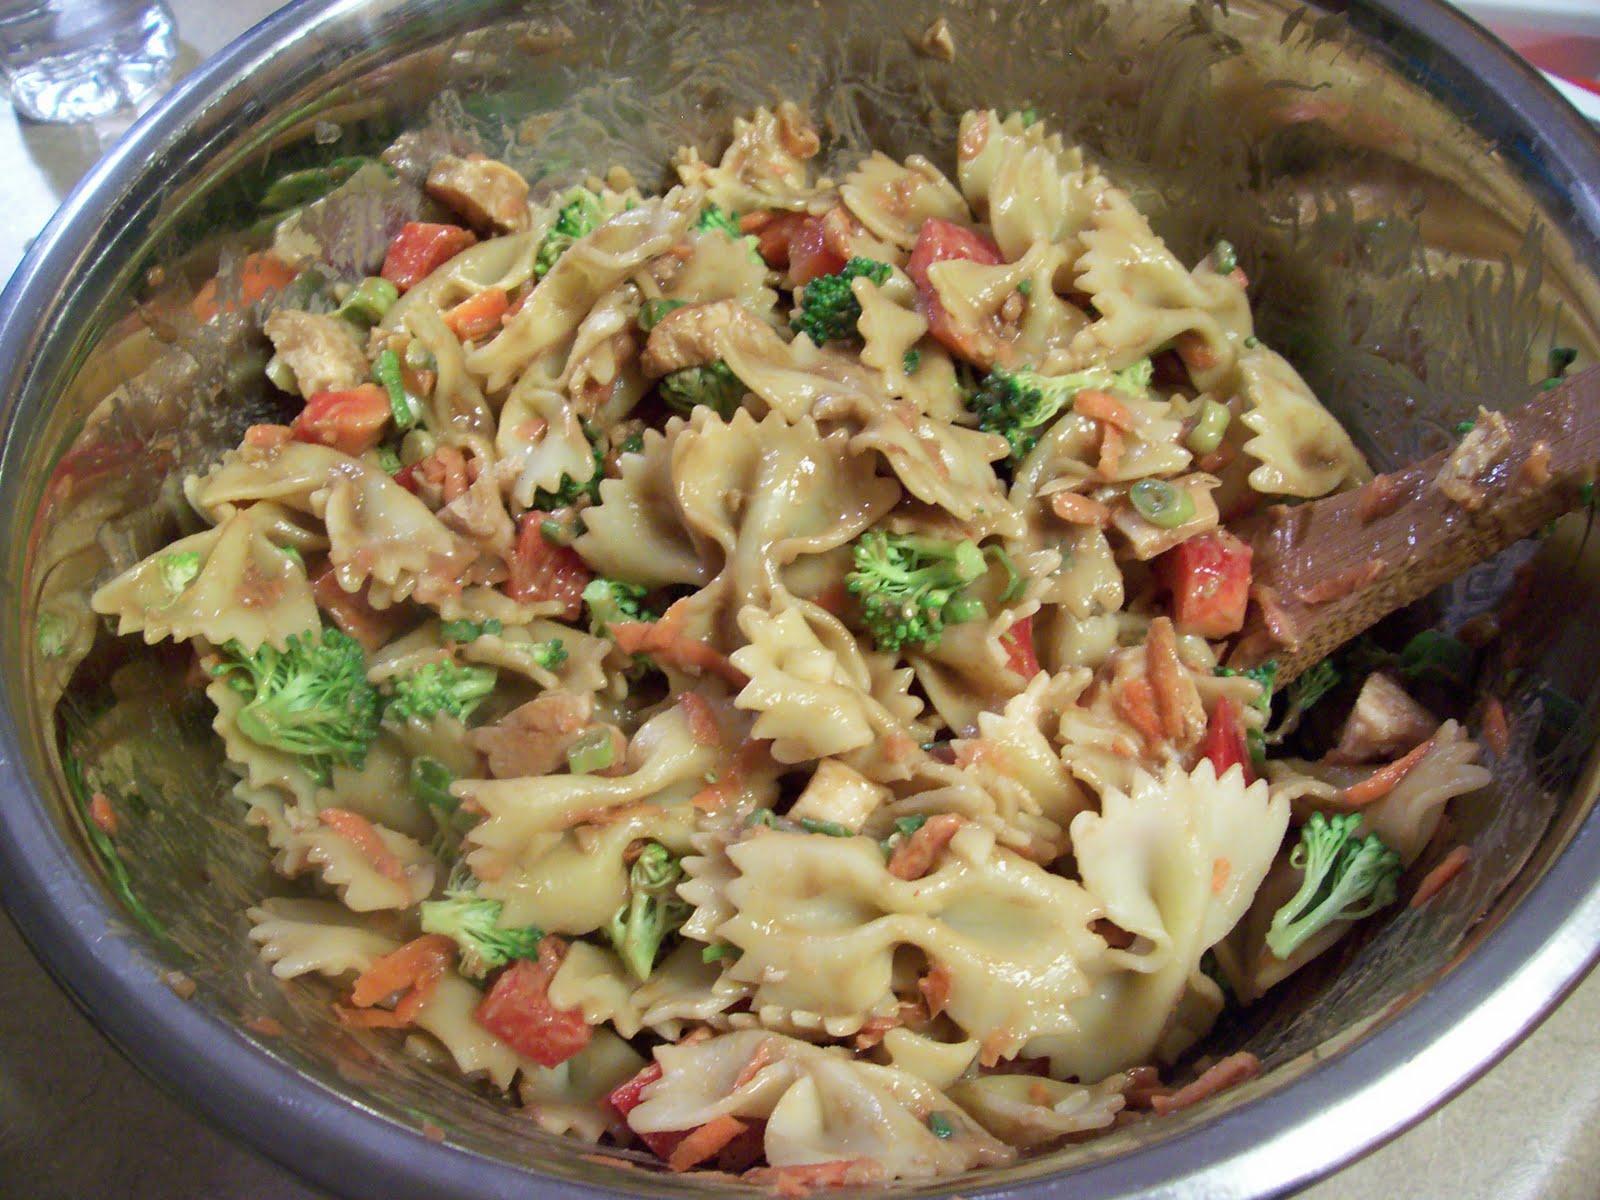 Easy cold italian pasta salad recipes dog breeds picture Pasta salad recipe cold